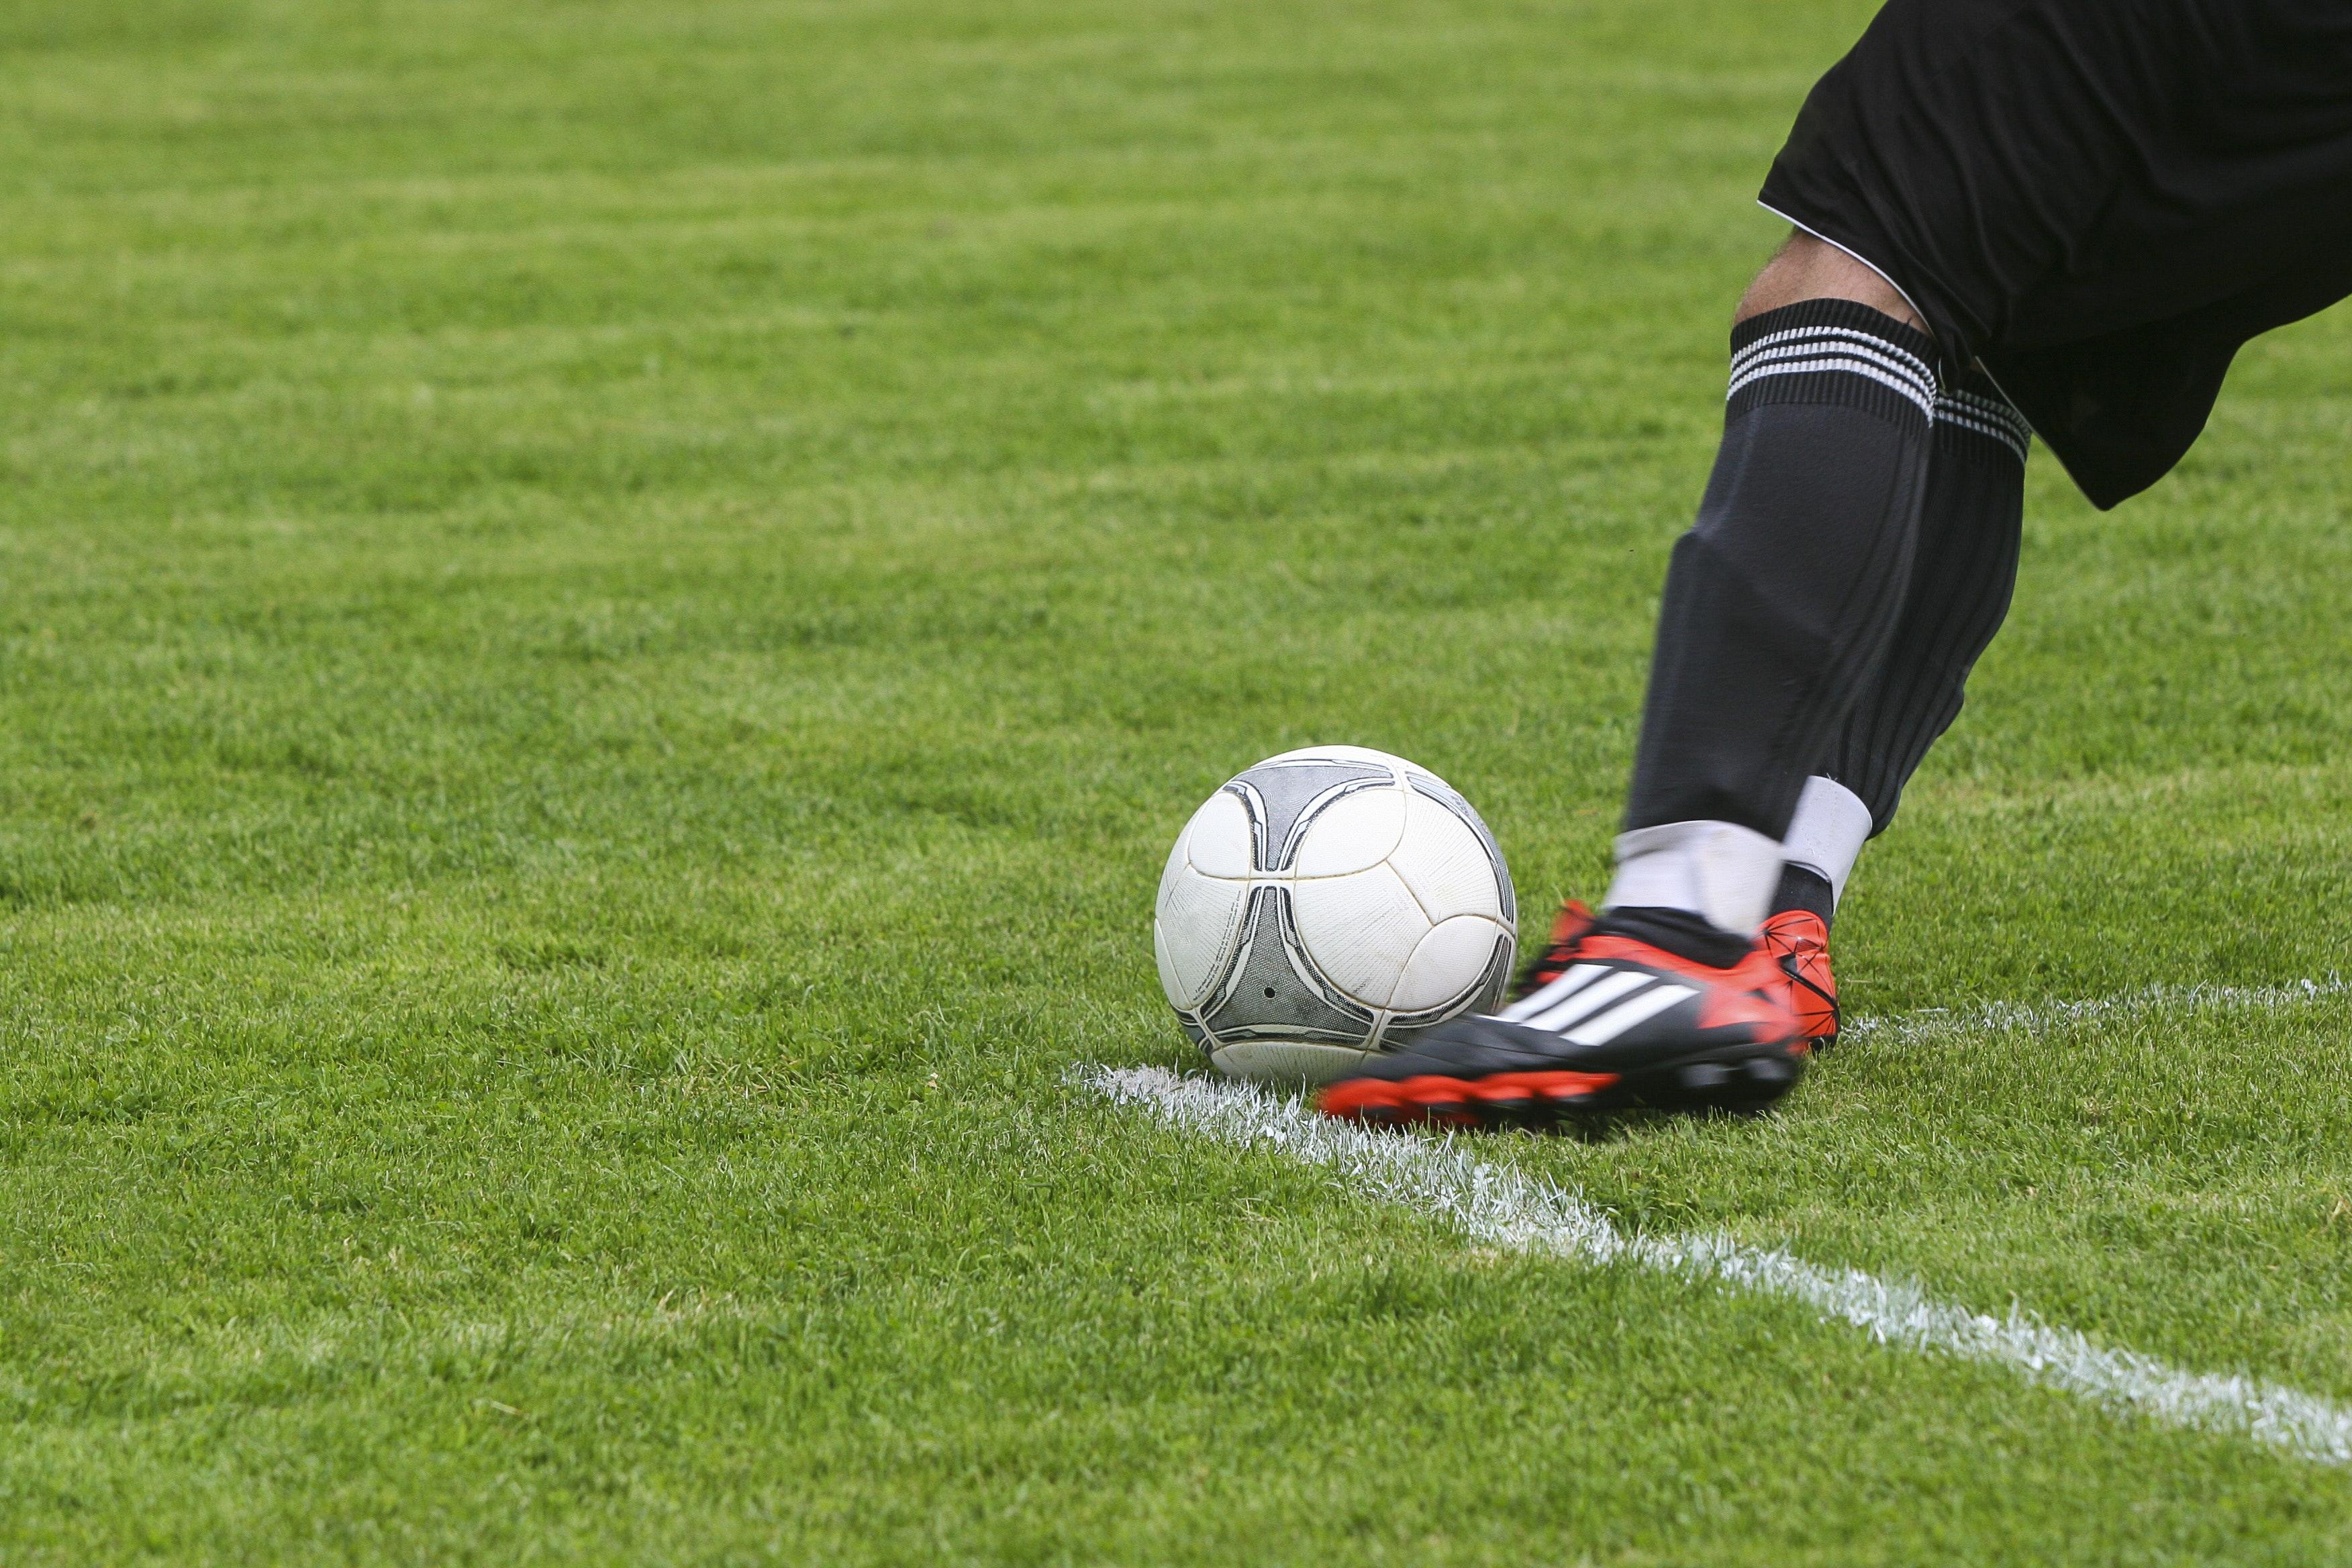 Posiadanie własnego sprzętu sportowego obowiązkiem każdego piłkarza